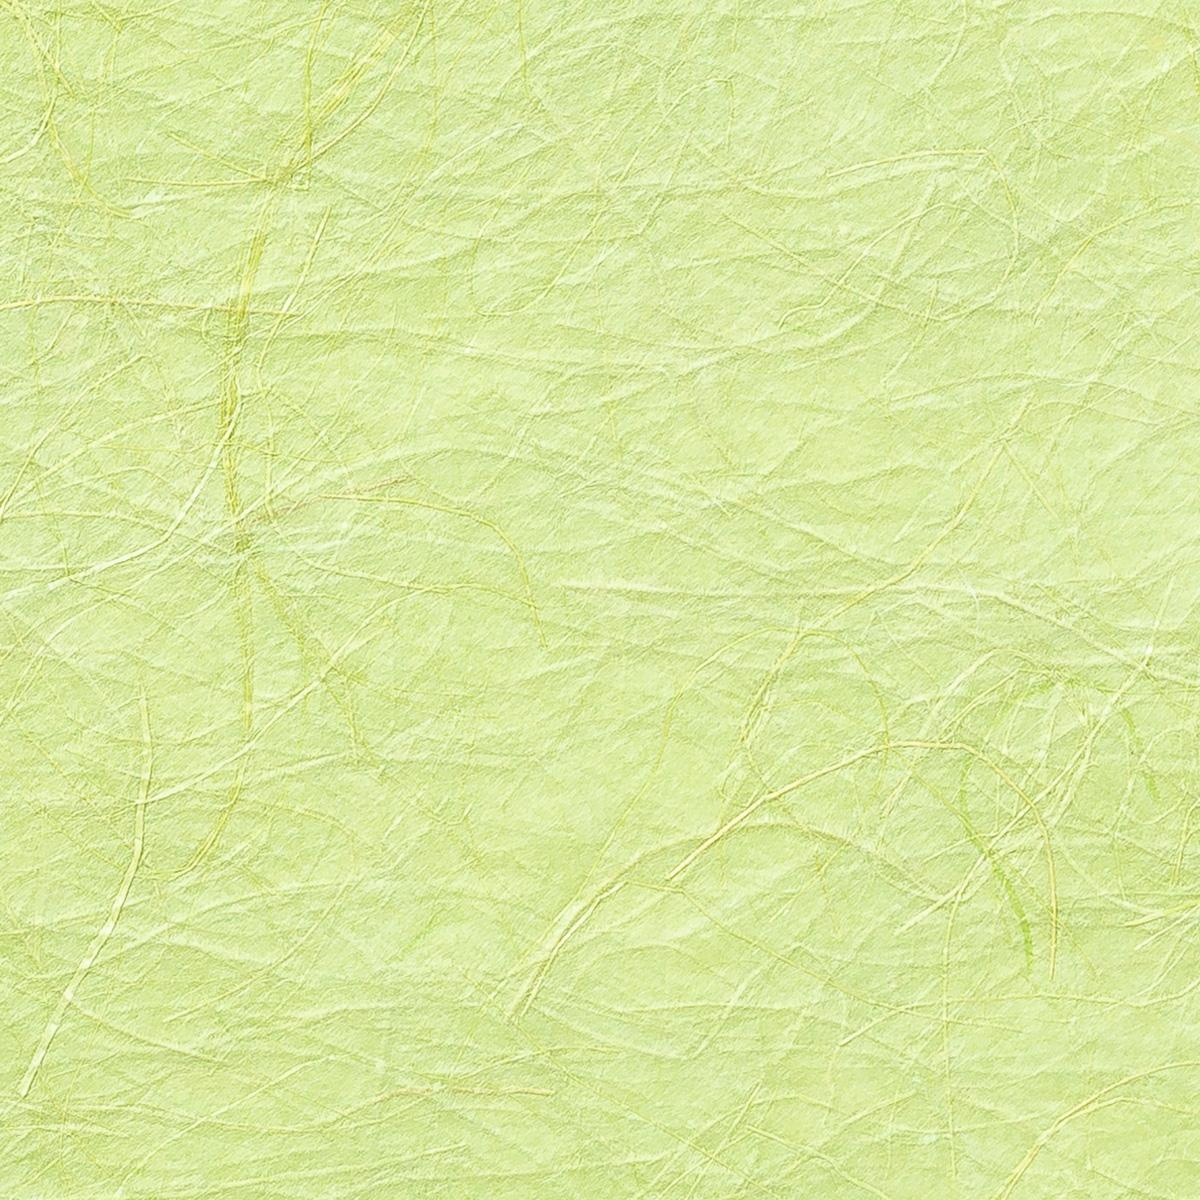 阿波 金和紙(マニラ麻紙)L6